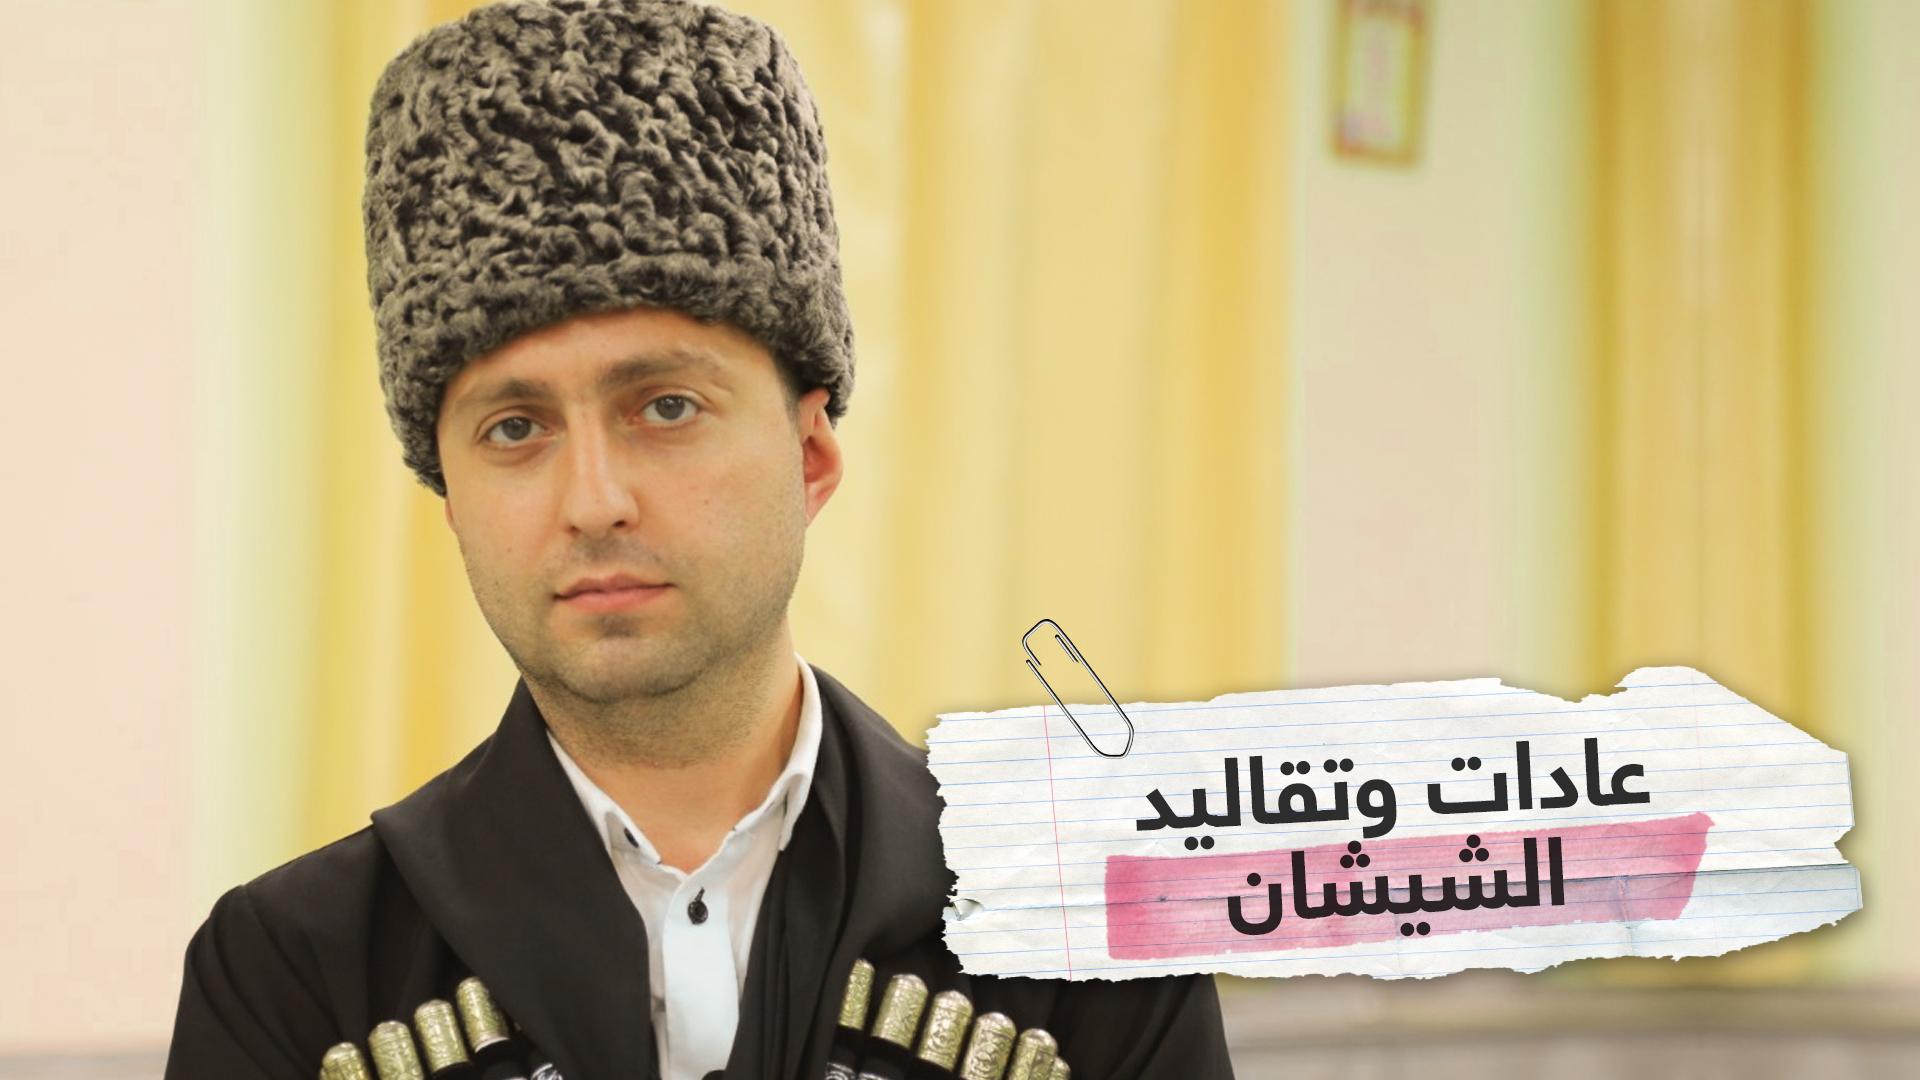 الشيشان عن قرب.. ثقافة وكرم أهلها